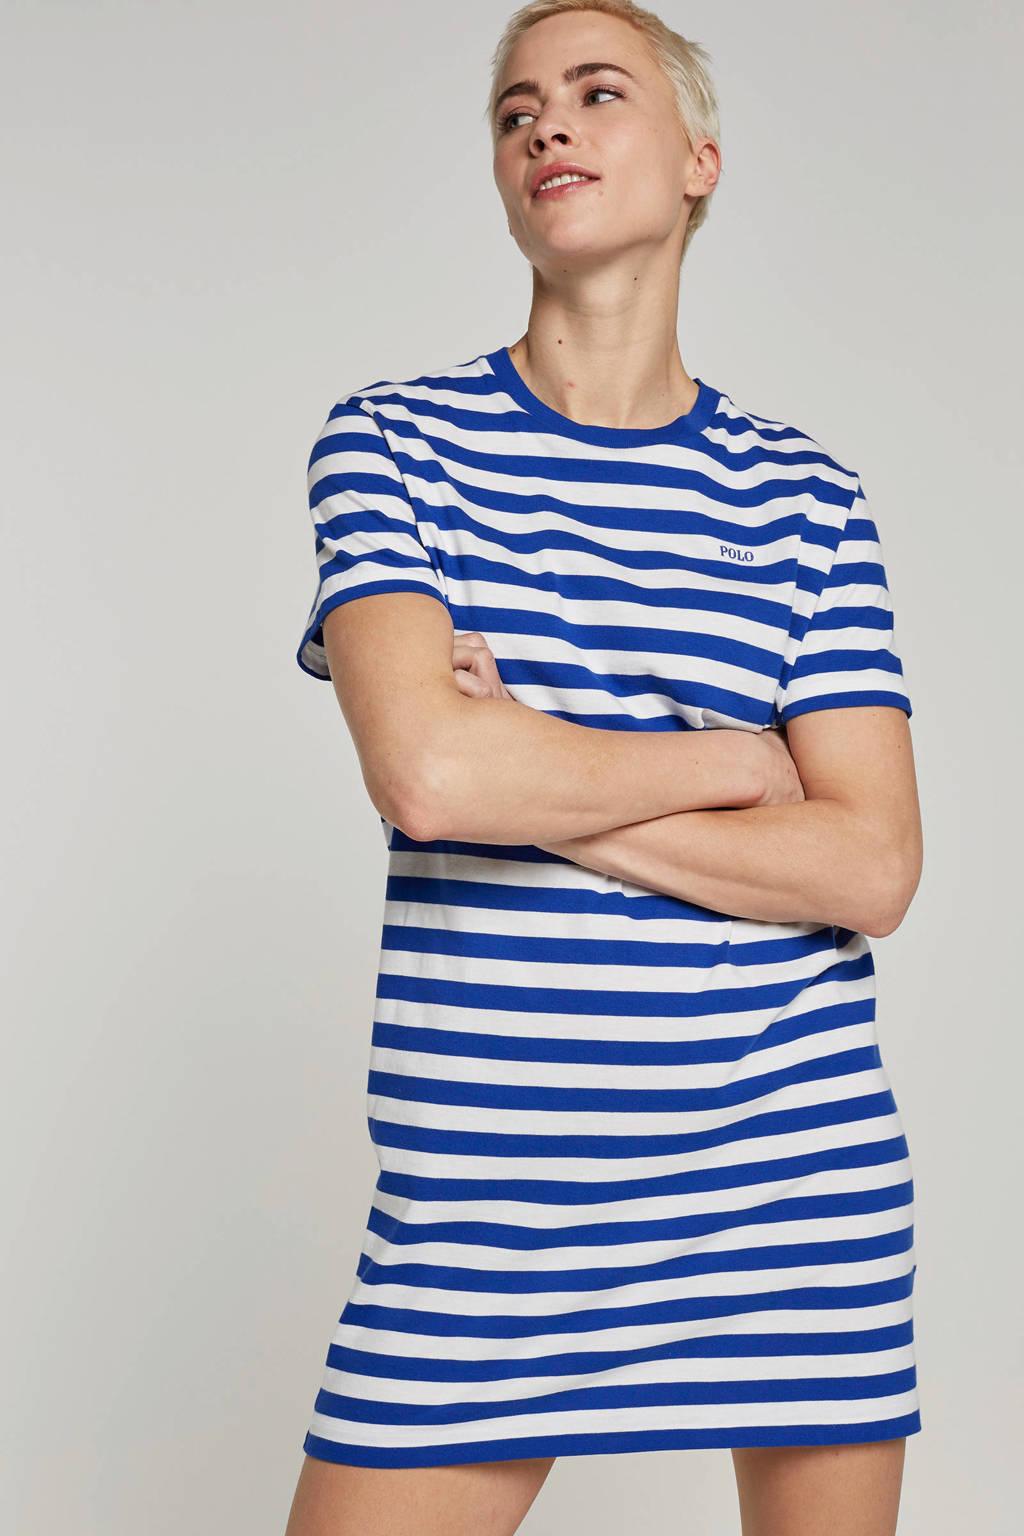 POLO Ralph Lauren gestreepte jurk, Blauw/wit